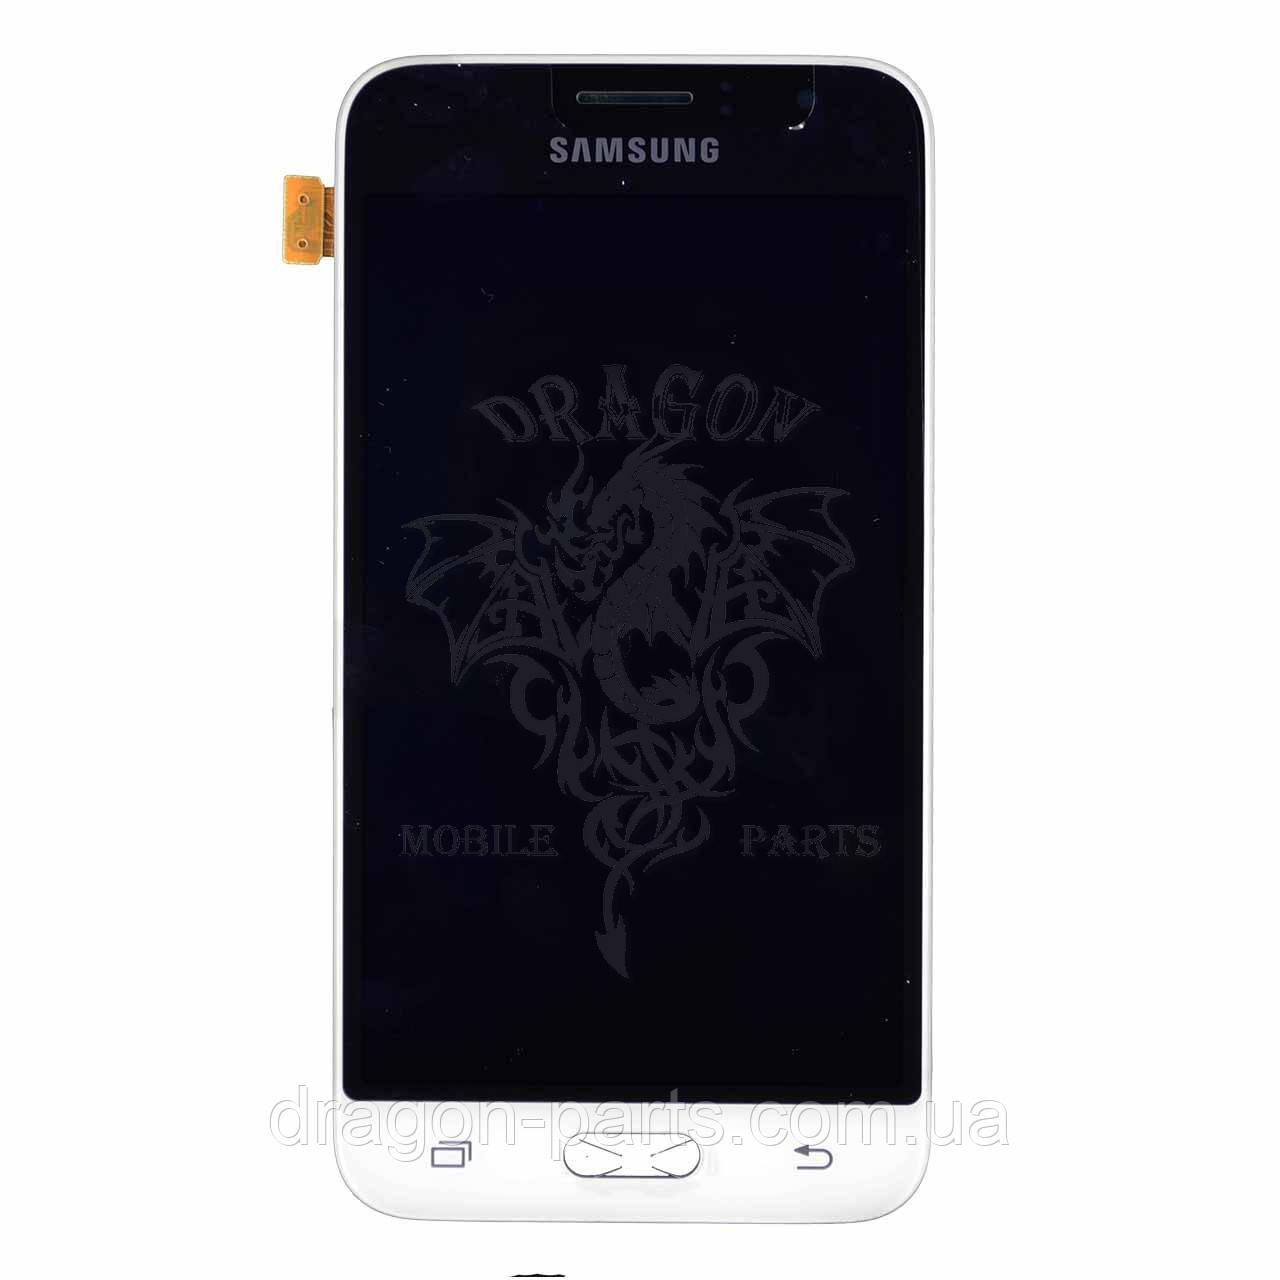 Дисплей Samsung J120 Galaxy J1 с сенсором Белый White оригинал , GH97-18224A - Интернет-магазин «Dragon Parts» в Киеве